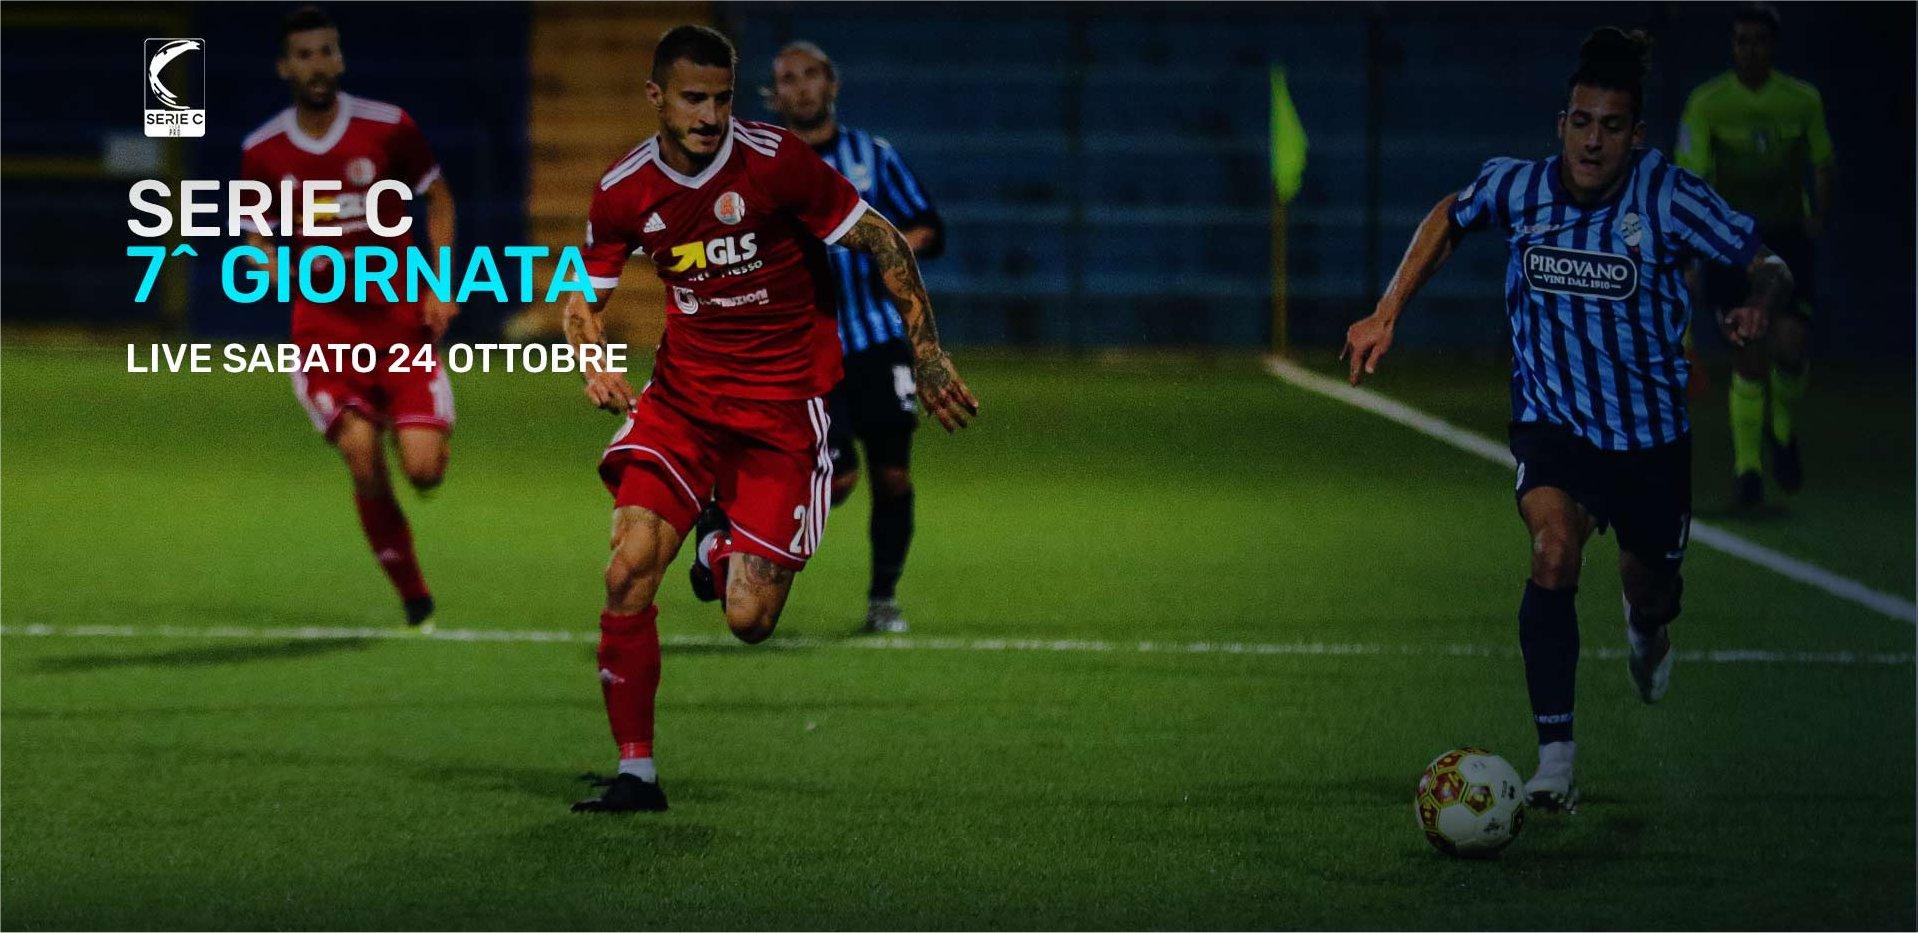 Serie C Eleven Sports, 7a Giornata - Programma e Telecronisti Lega Pro